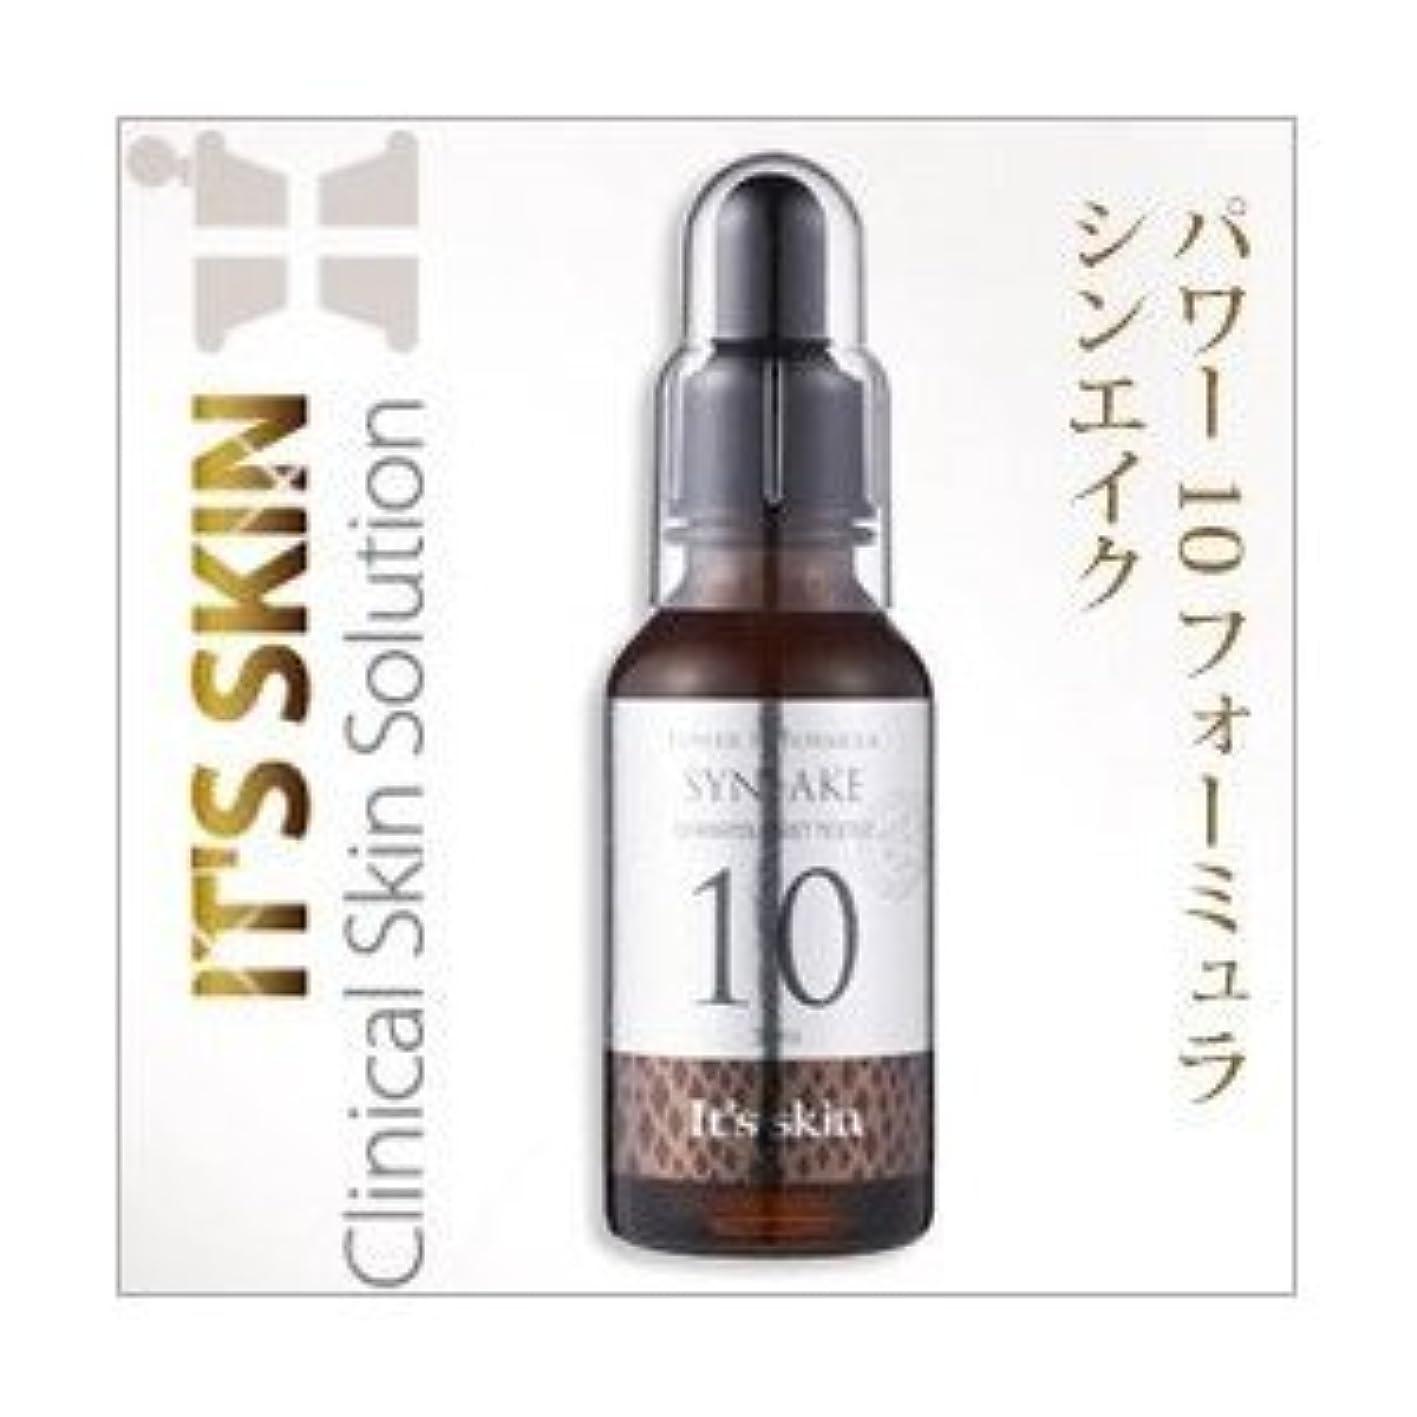 宗教的な大使館ねじれIt's skin/イッツスキン power 10 formula SYN-AKE パワー 10 フォーミュラ シンエイク (毒ヘビ) 30ml